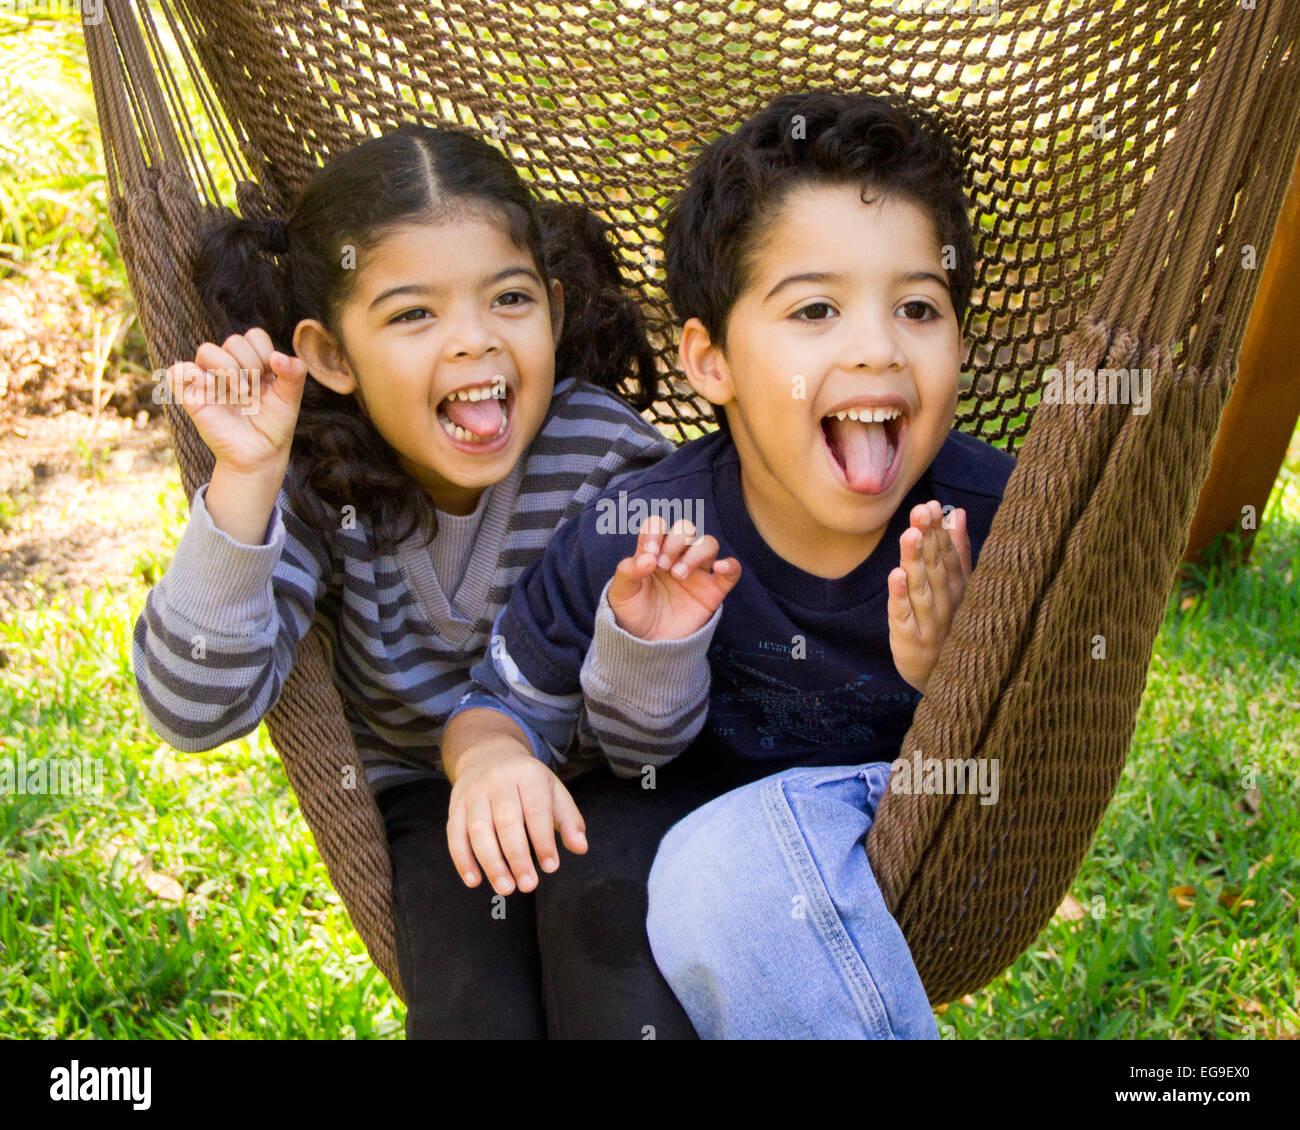 Twin fratello e sorella di seduta in una amaca tirando funny faces Immagini Stock